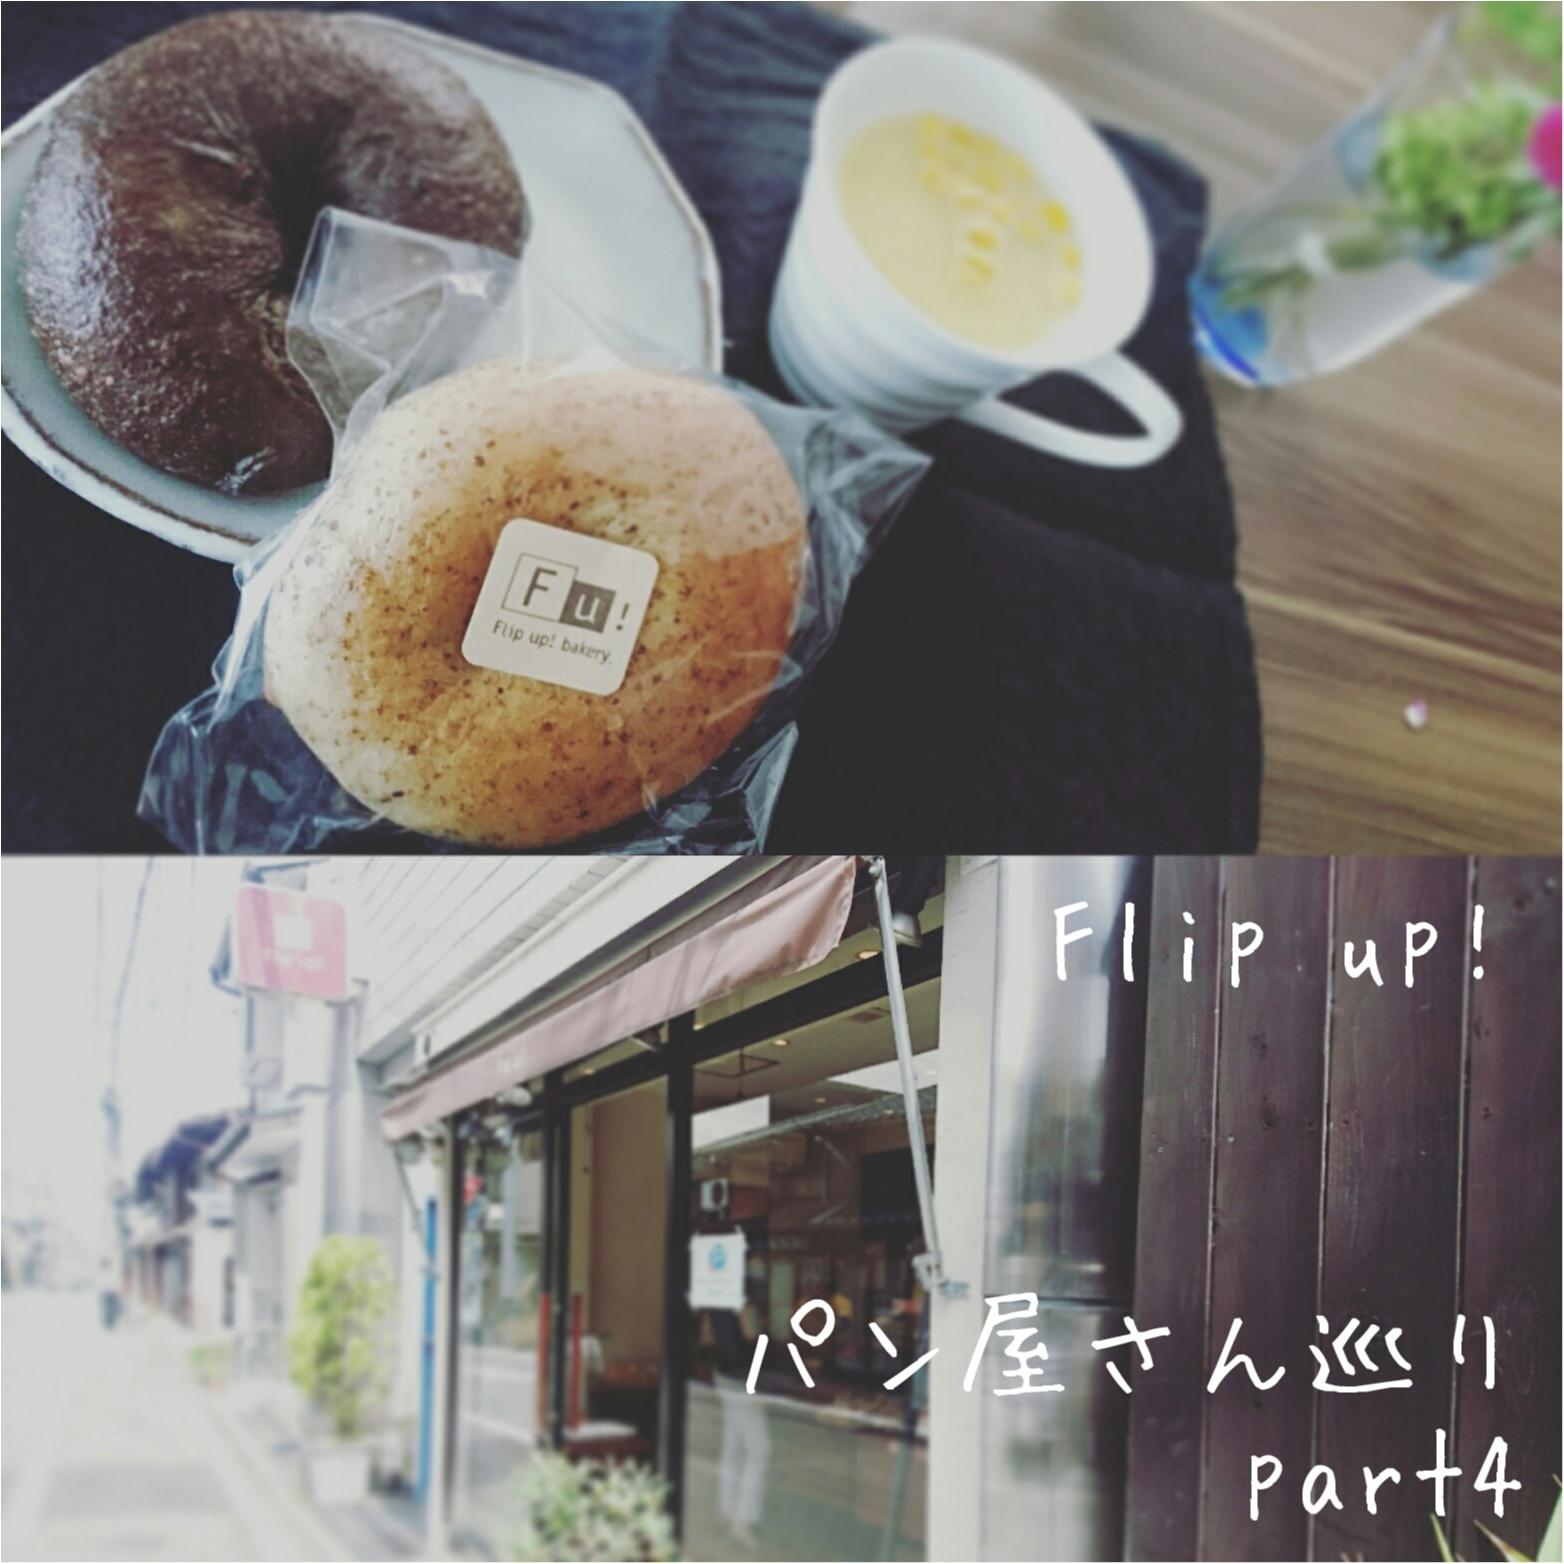 京都パン屋さん巡り-Flip up-_1